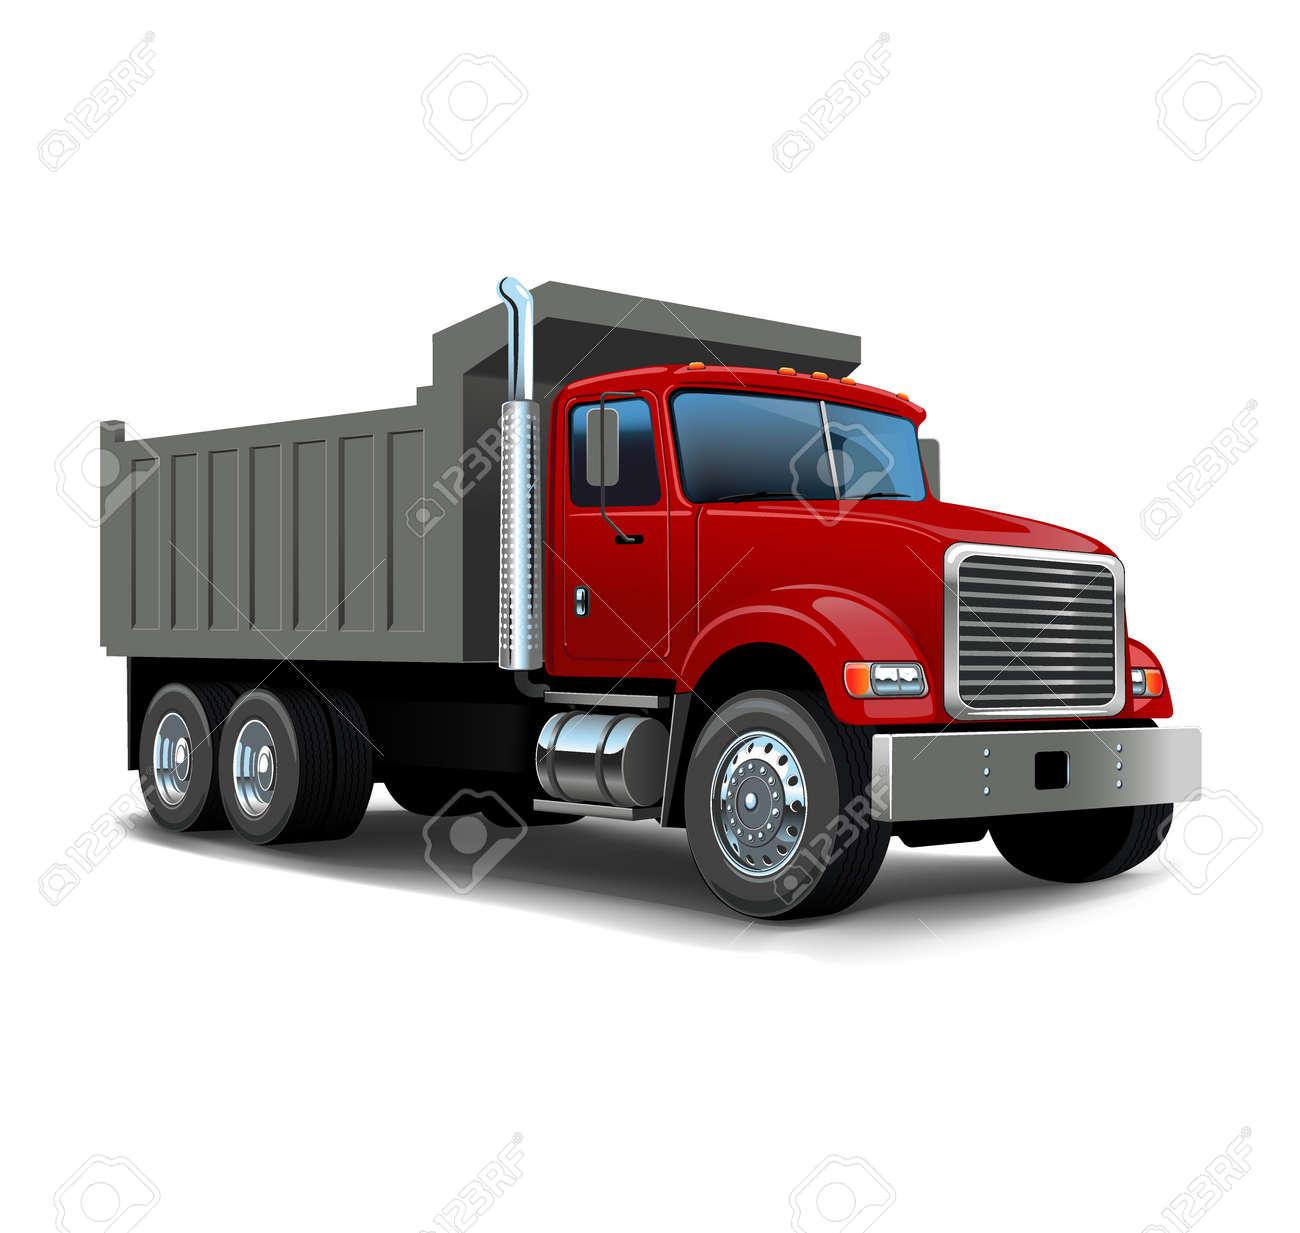 Vector Cartoon Dump Truck. Tipper truck. - 168946325